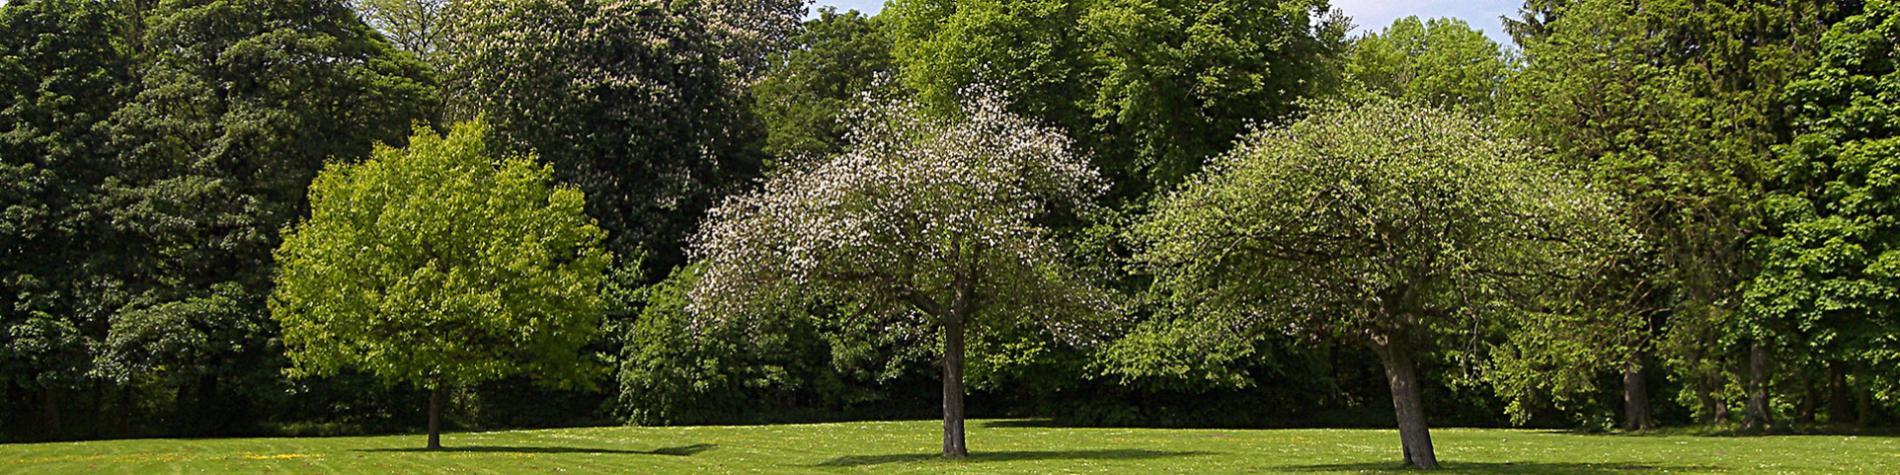 Arboretum - Monceau-sur-Sambre